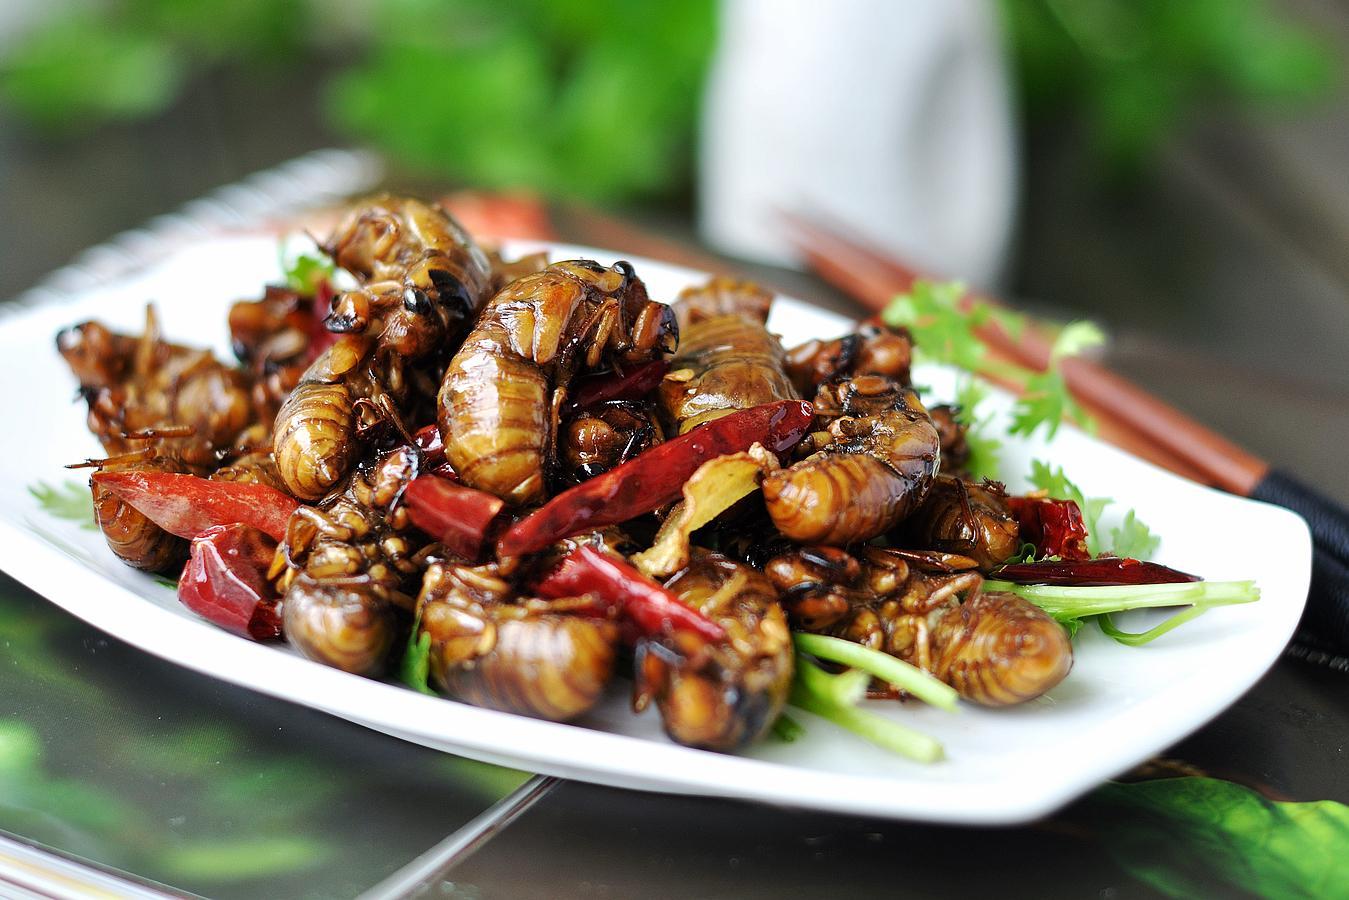 乡间这虫子叫唐僧肉,上等补肾食材,惋惜很多人不敢吃